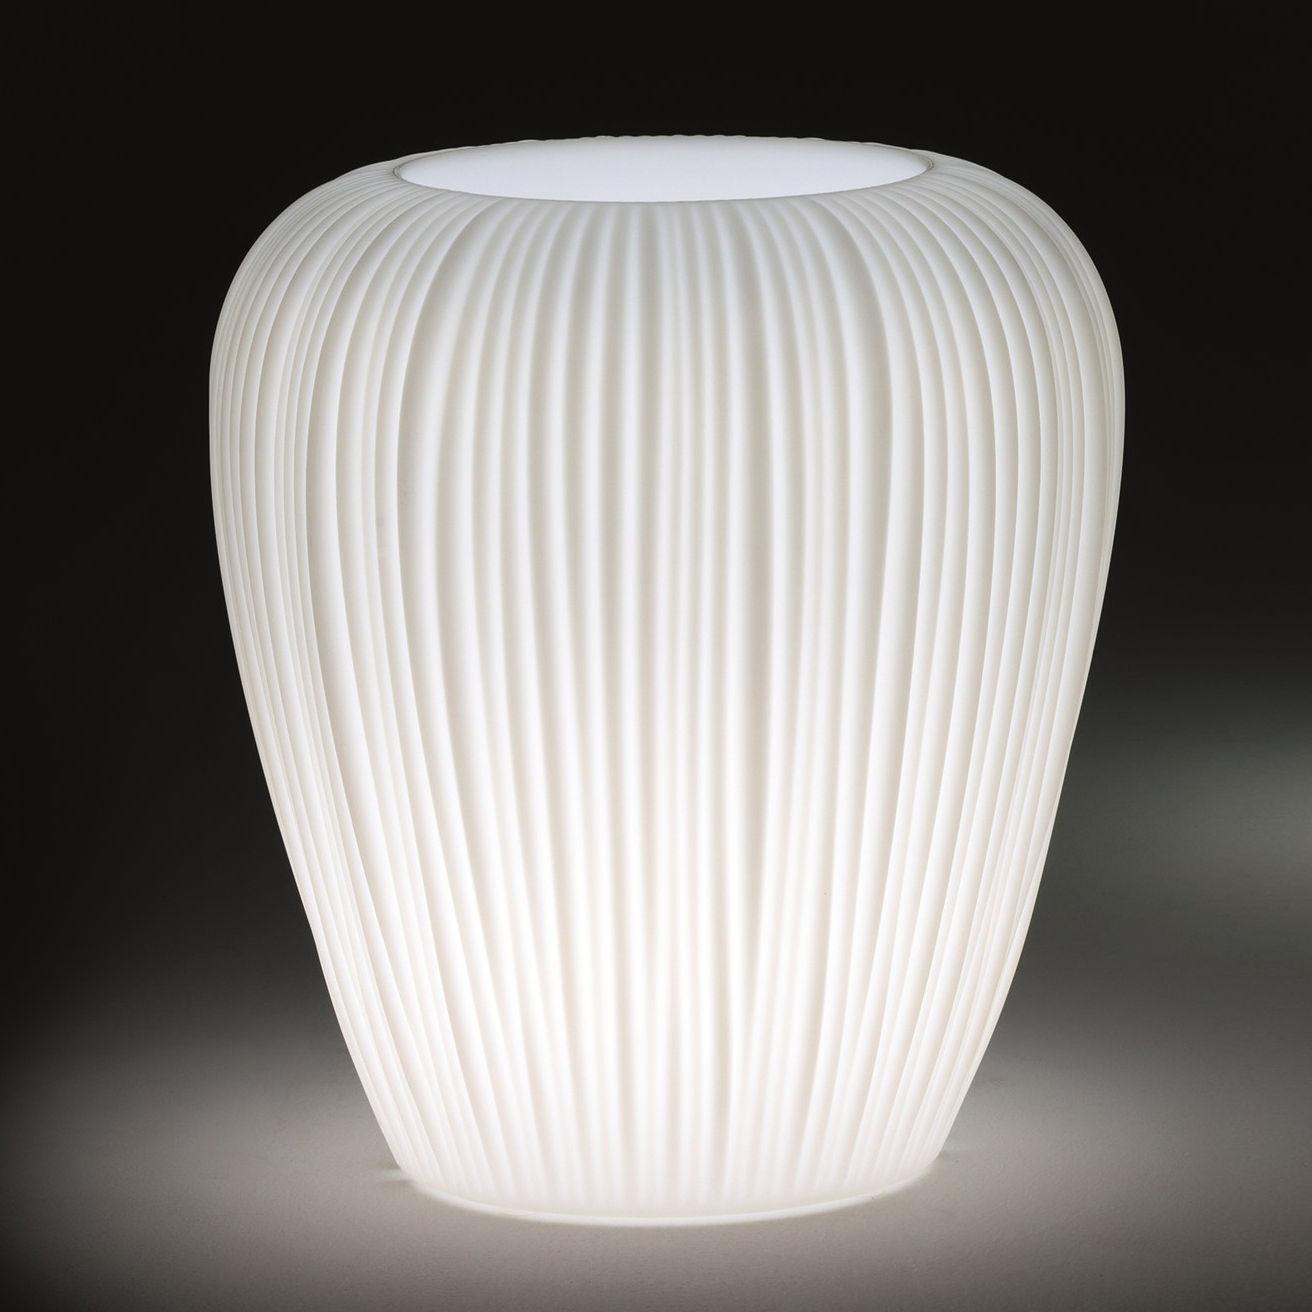 Leuchten - Außenleuchten - Skin Small leuchtender Blumentopf / H 60 cm - MyYour - Weiß - Poleasy®